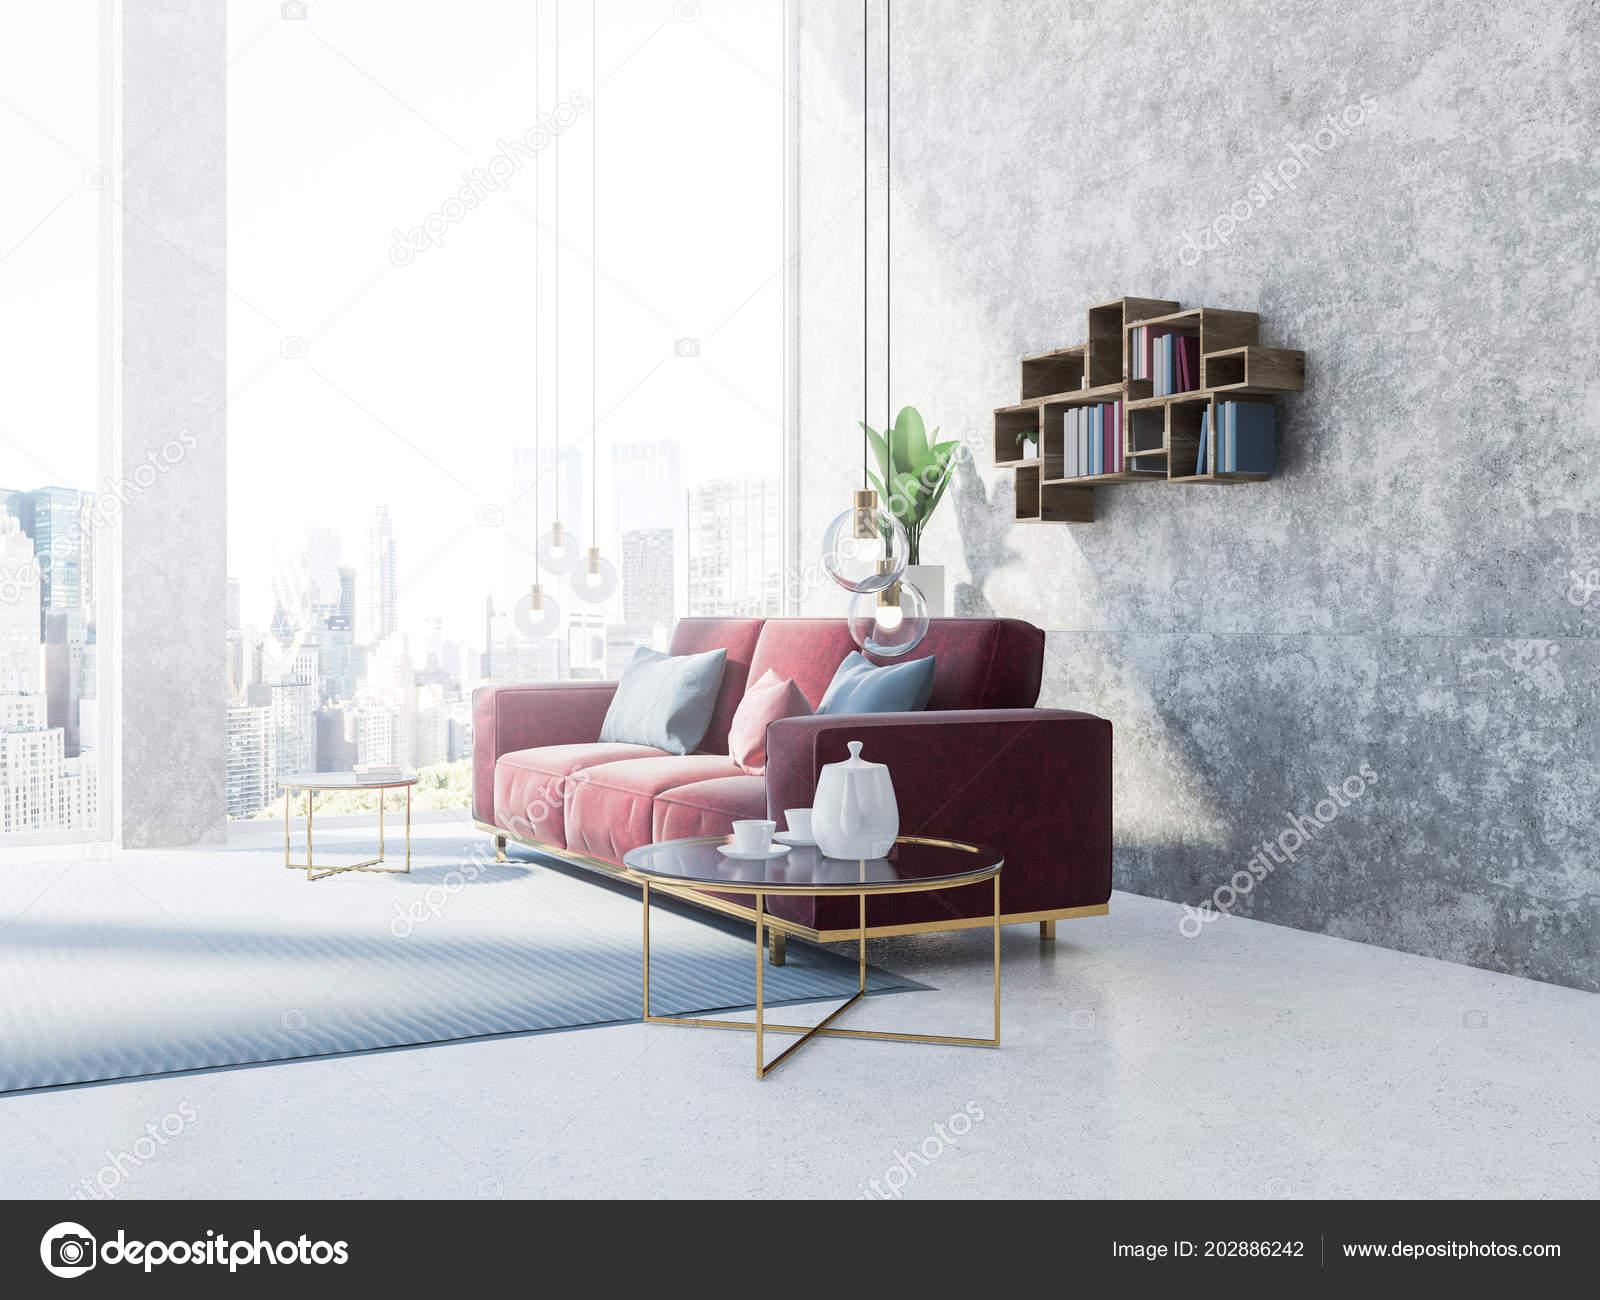 Concrete Loft Living Room Interior Carpet Floor Red Couch